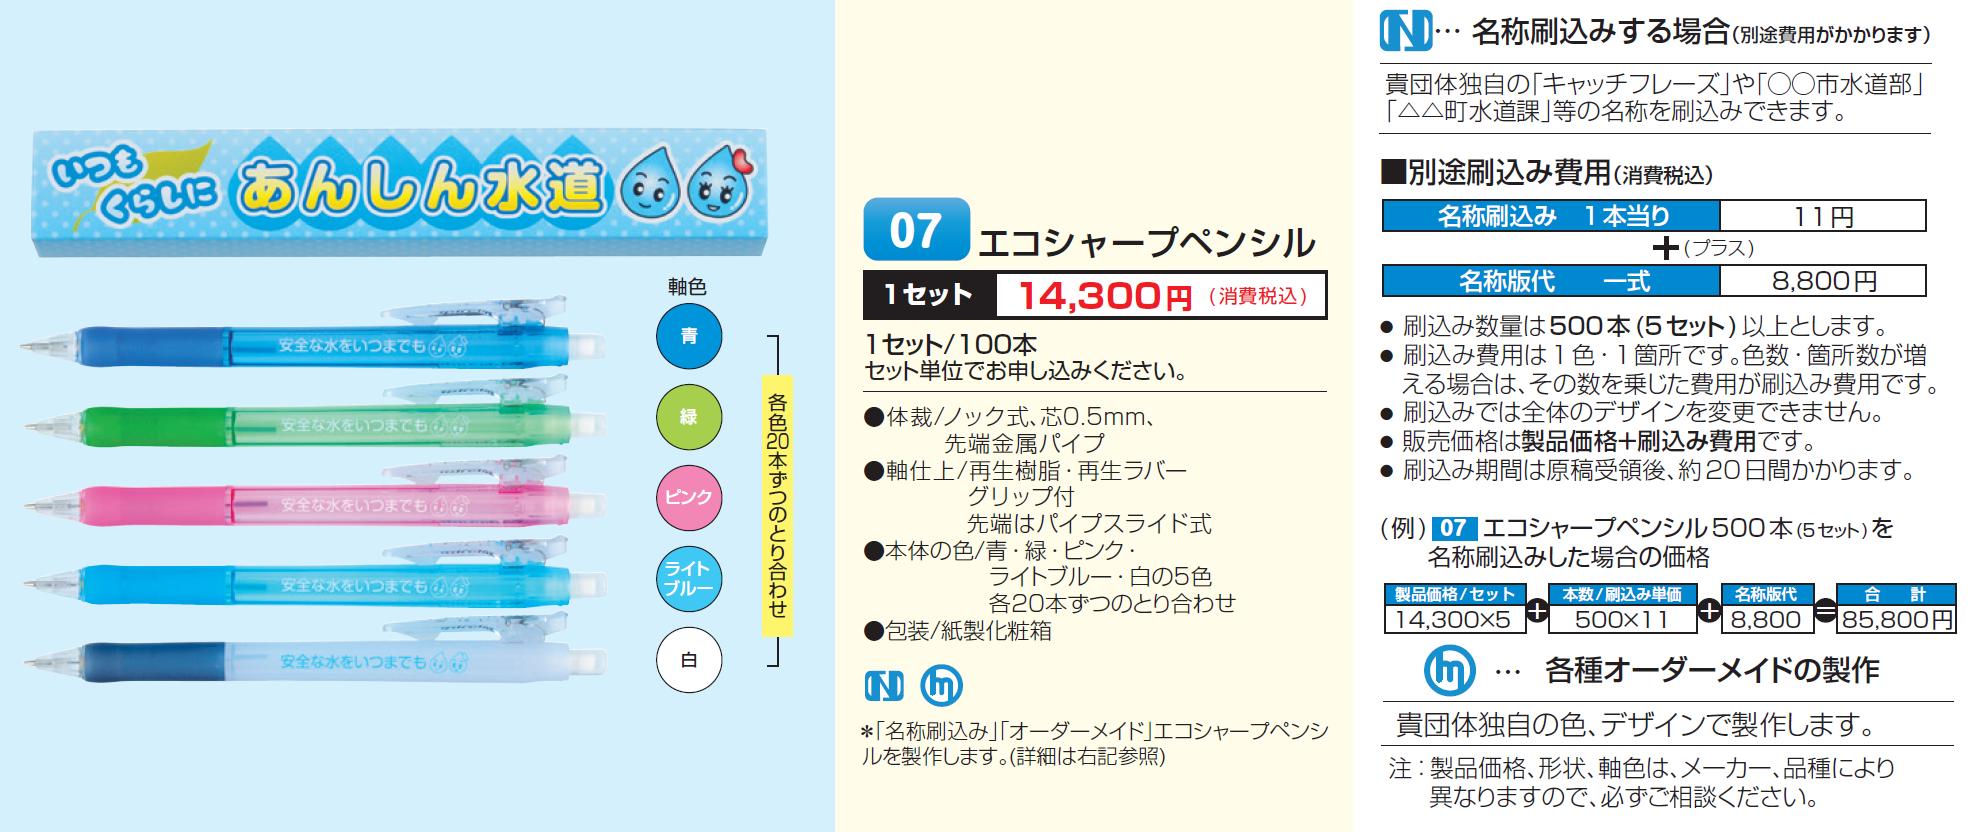 【製品No.07】エコシャープペンシル